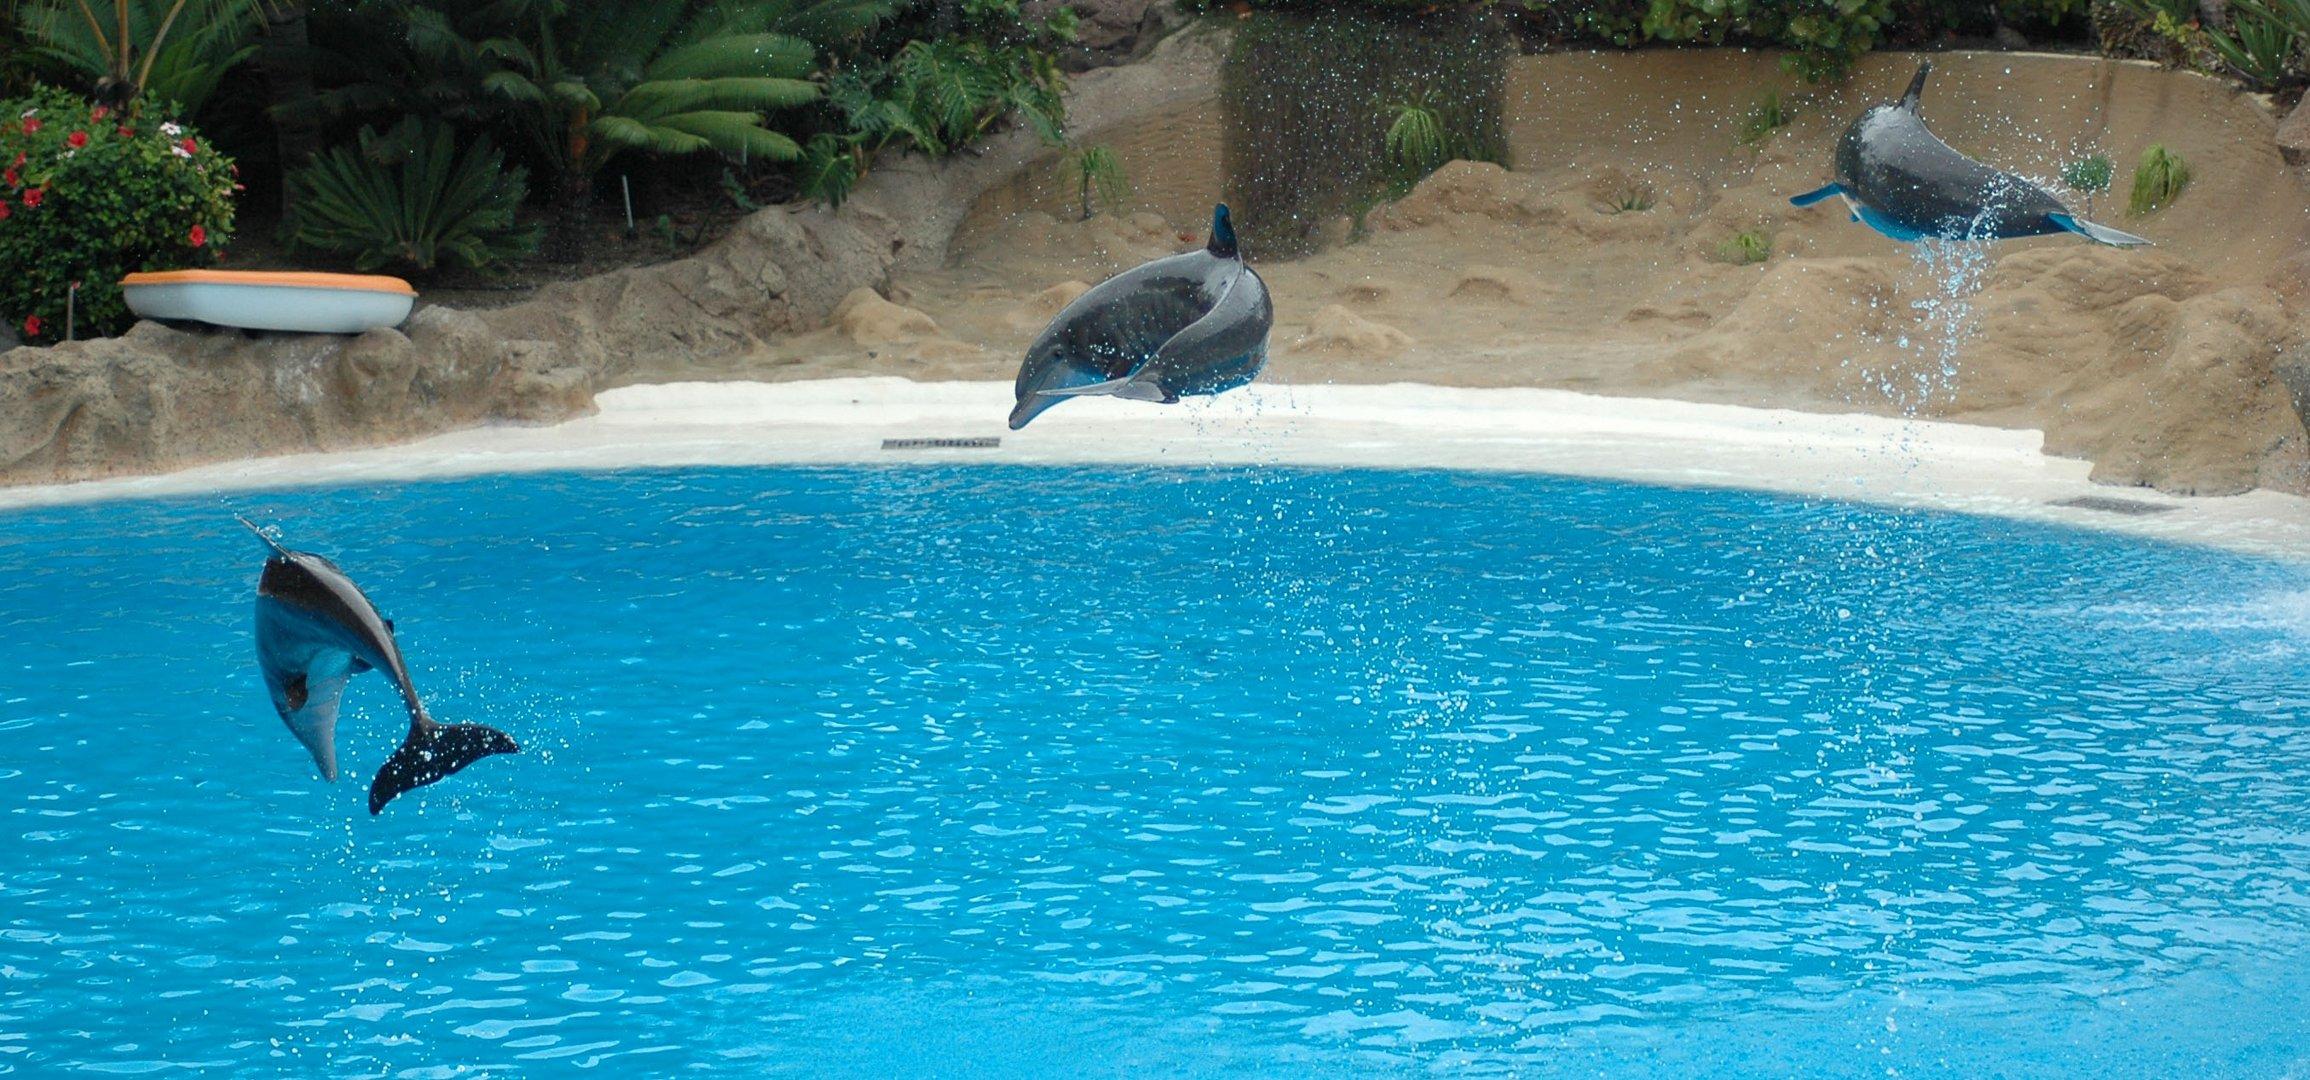 tier qualerei in Loro Parque Tenerife